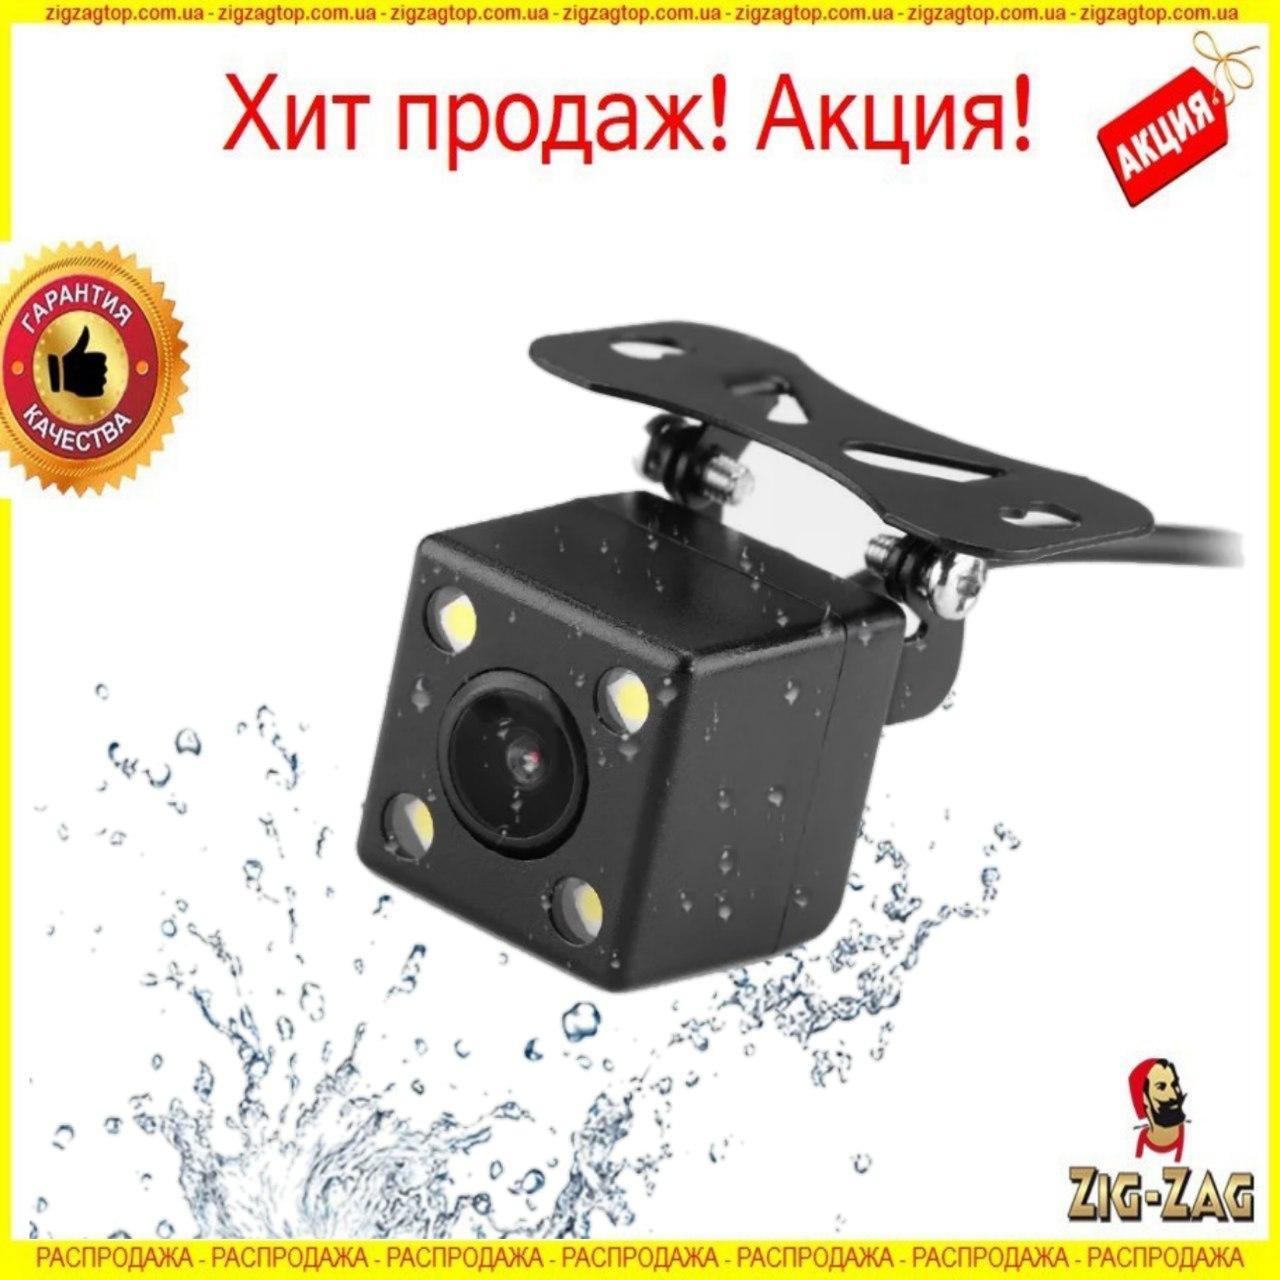 Камера заднього огляду для автомобіля SmartTech A101 LED задня камера Паркувальна в Авто, Машину Краща Ціна!